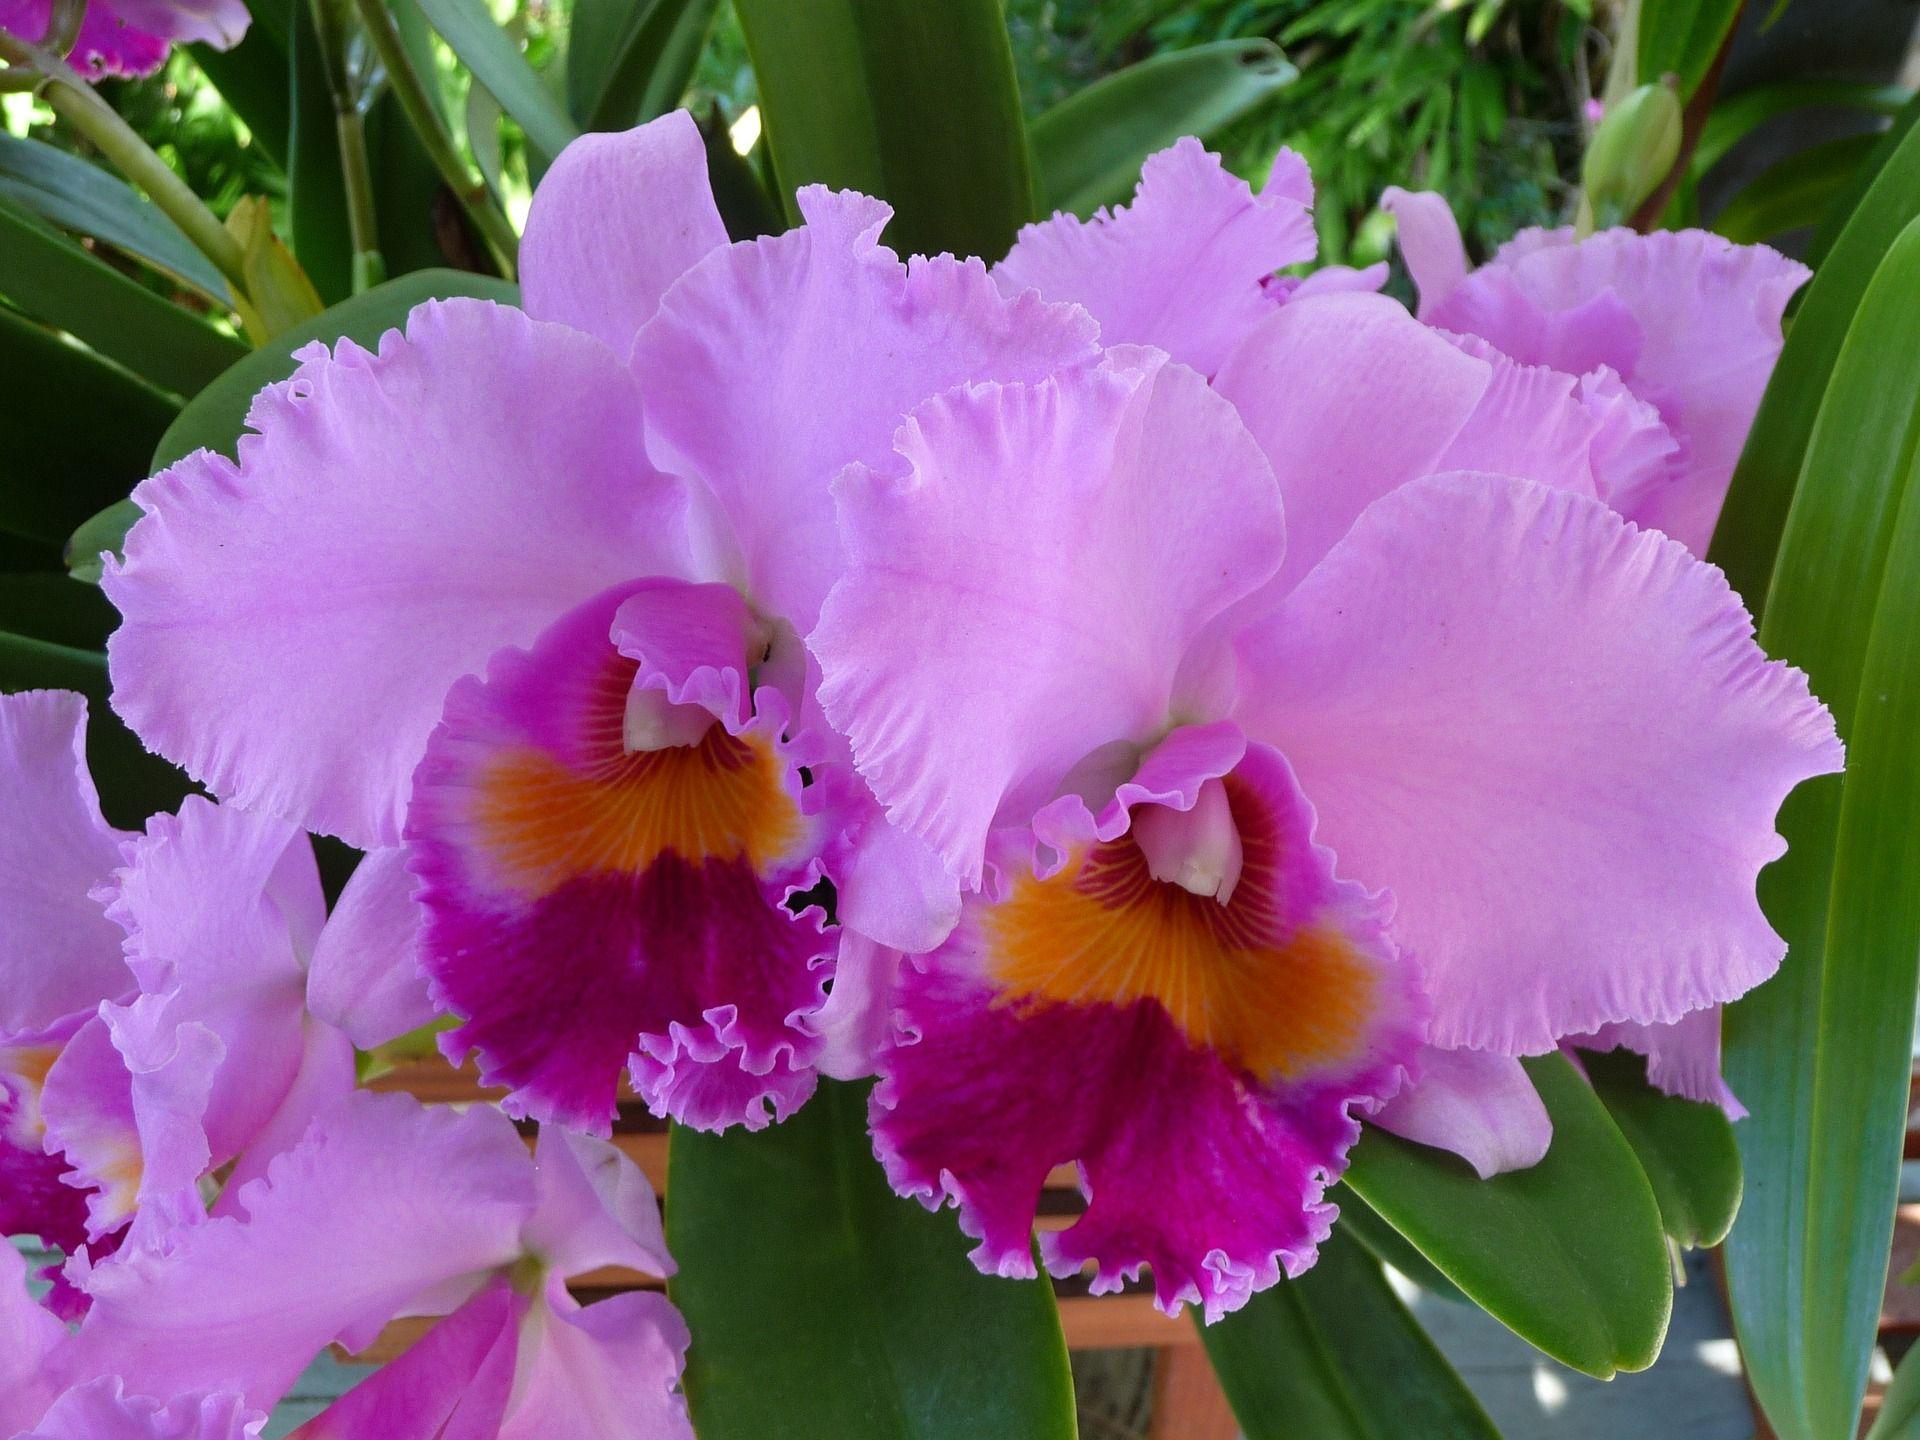 5-soiuri-de-orhidee-usor-de-cultivat-ii